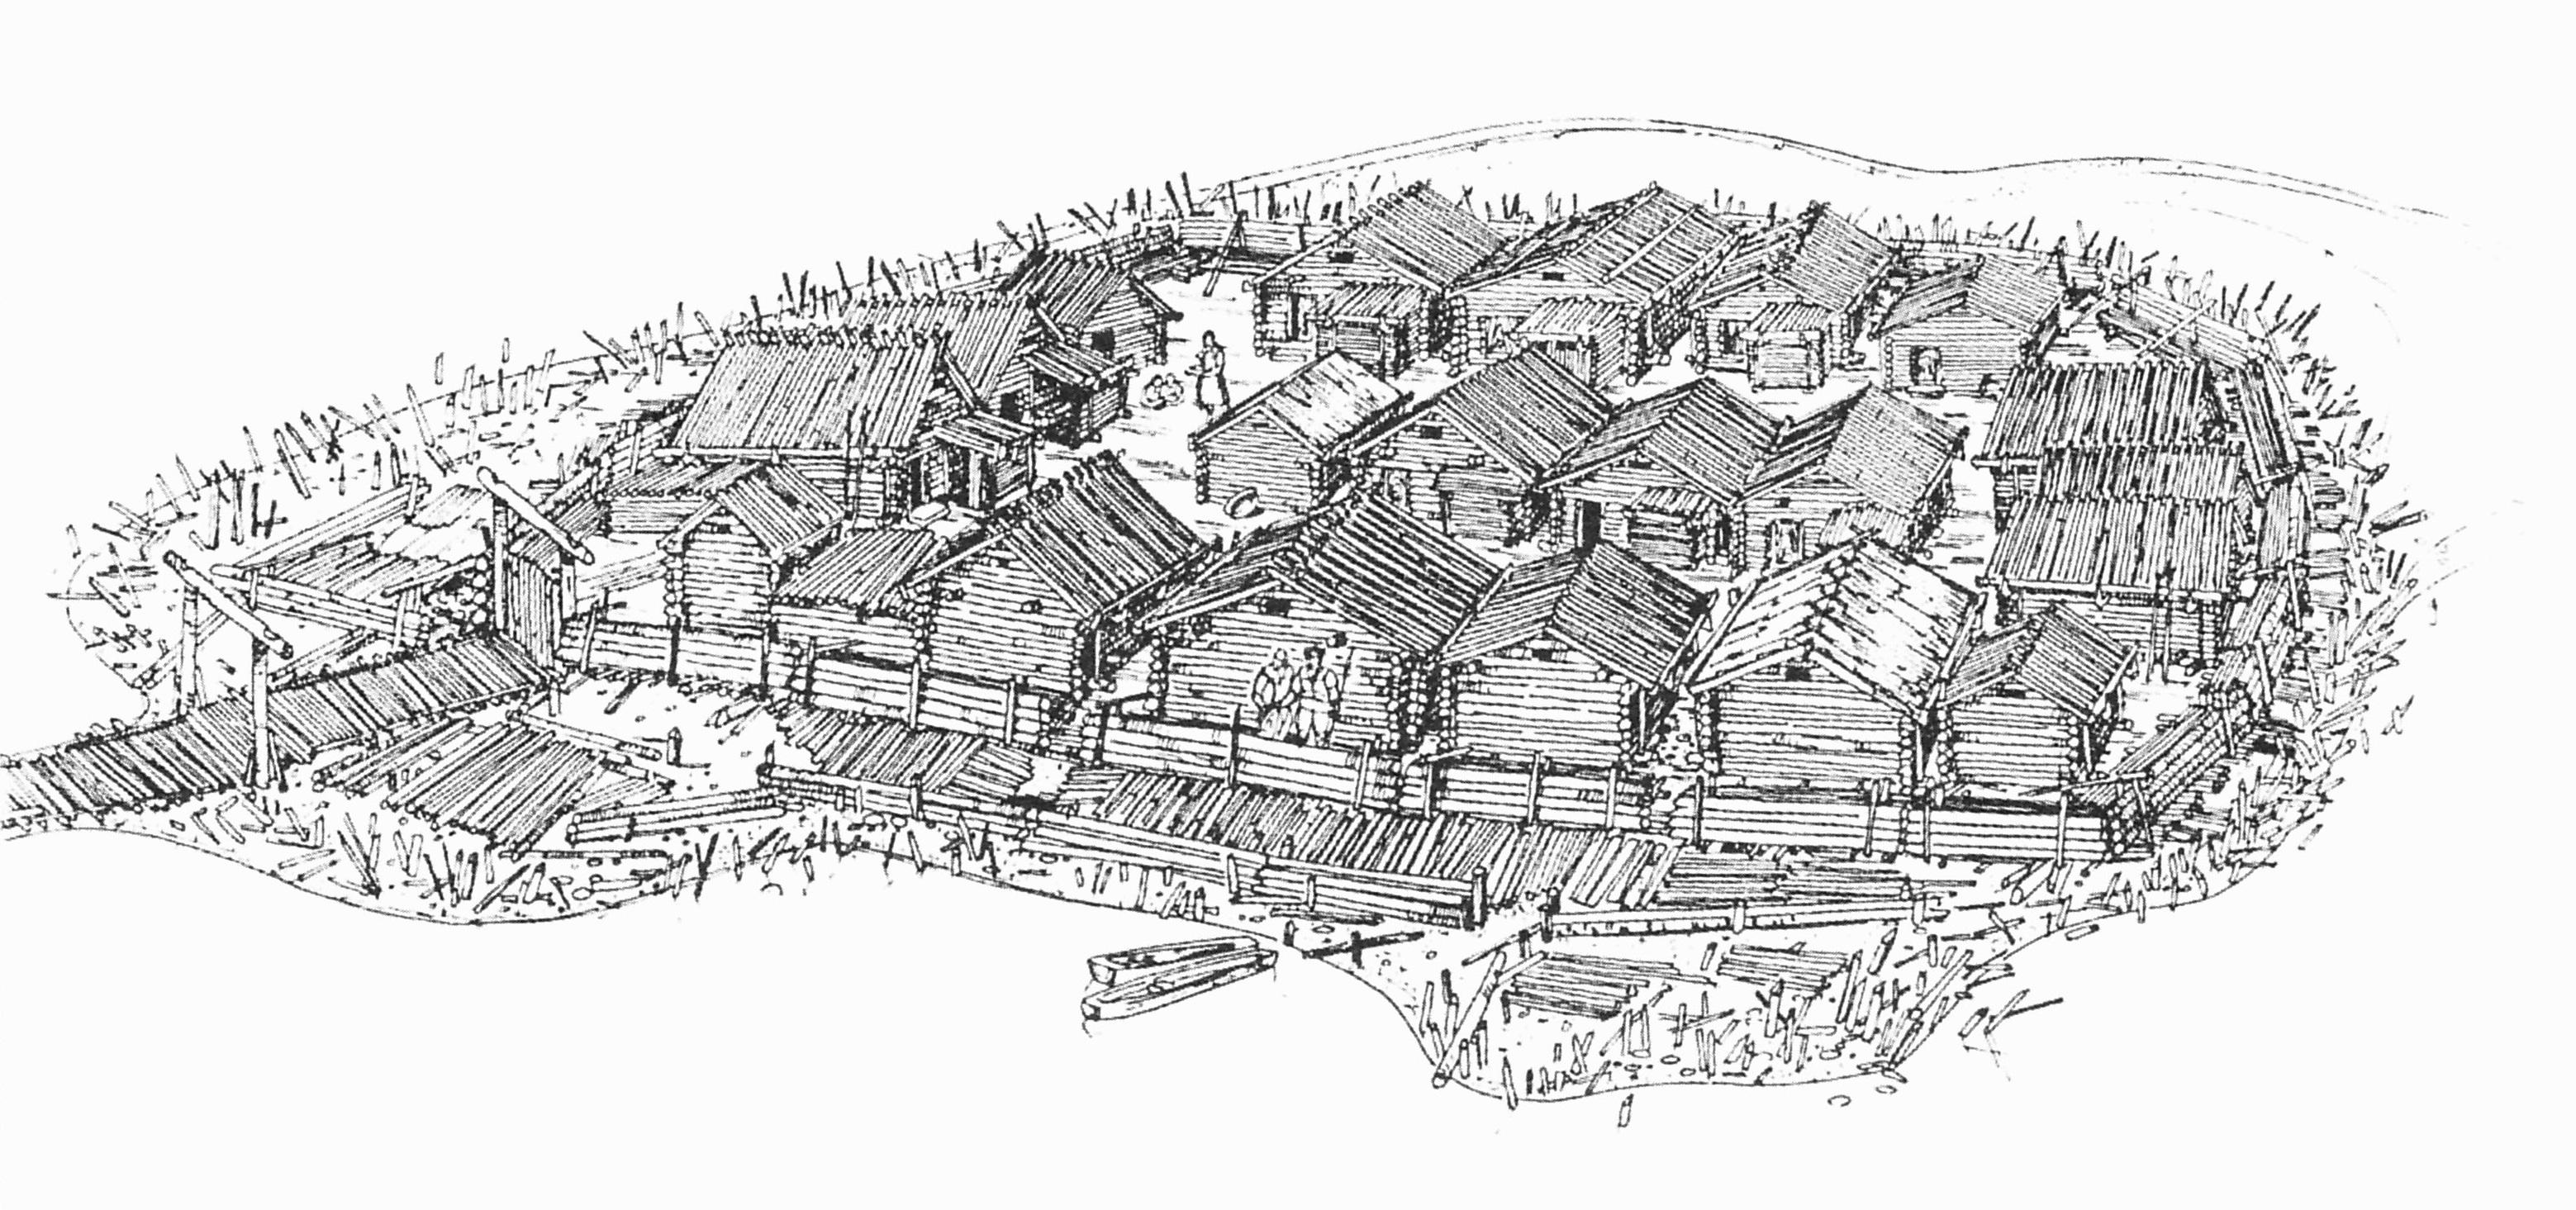 Реконструкция Арайшского озерного замка. Рисунок Дз. Дрибы.